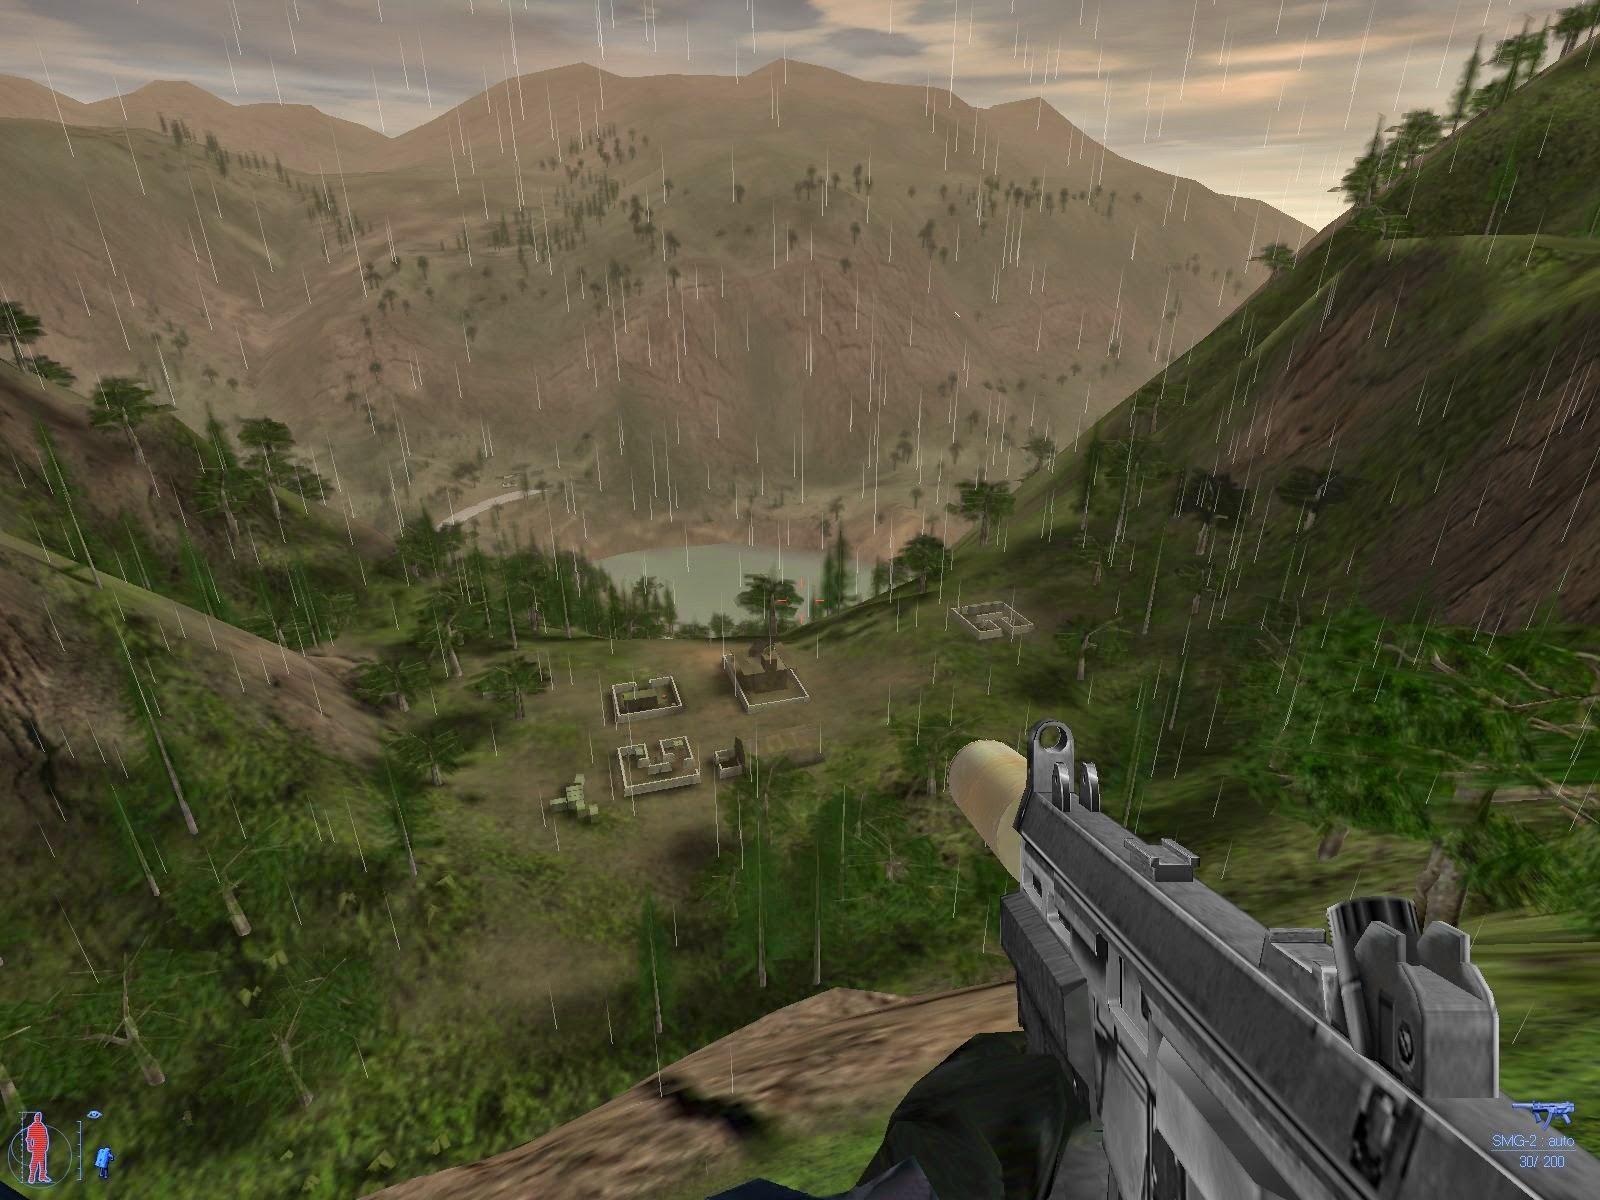 Download IGI 2 Covert Strike Full Crack - Gamers Full Version